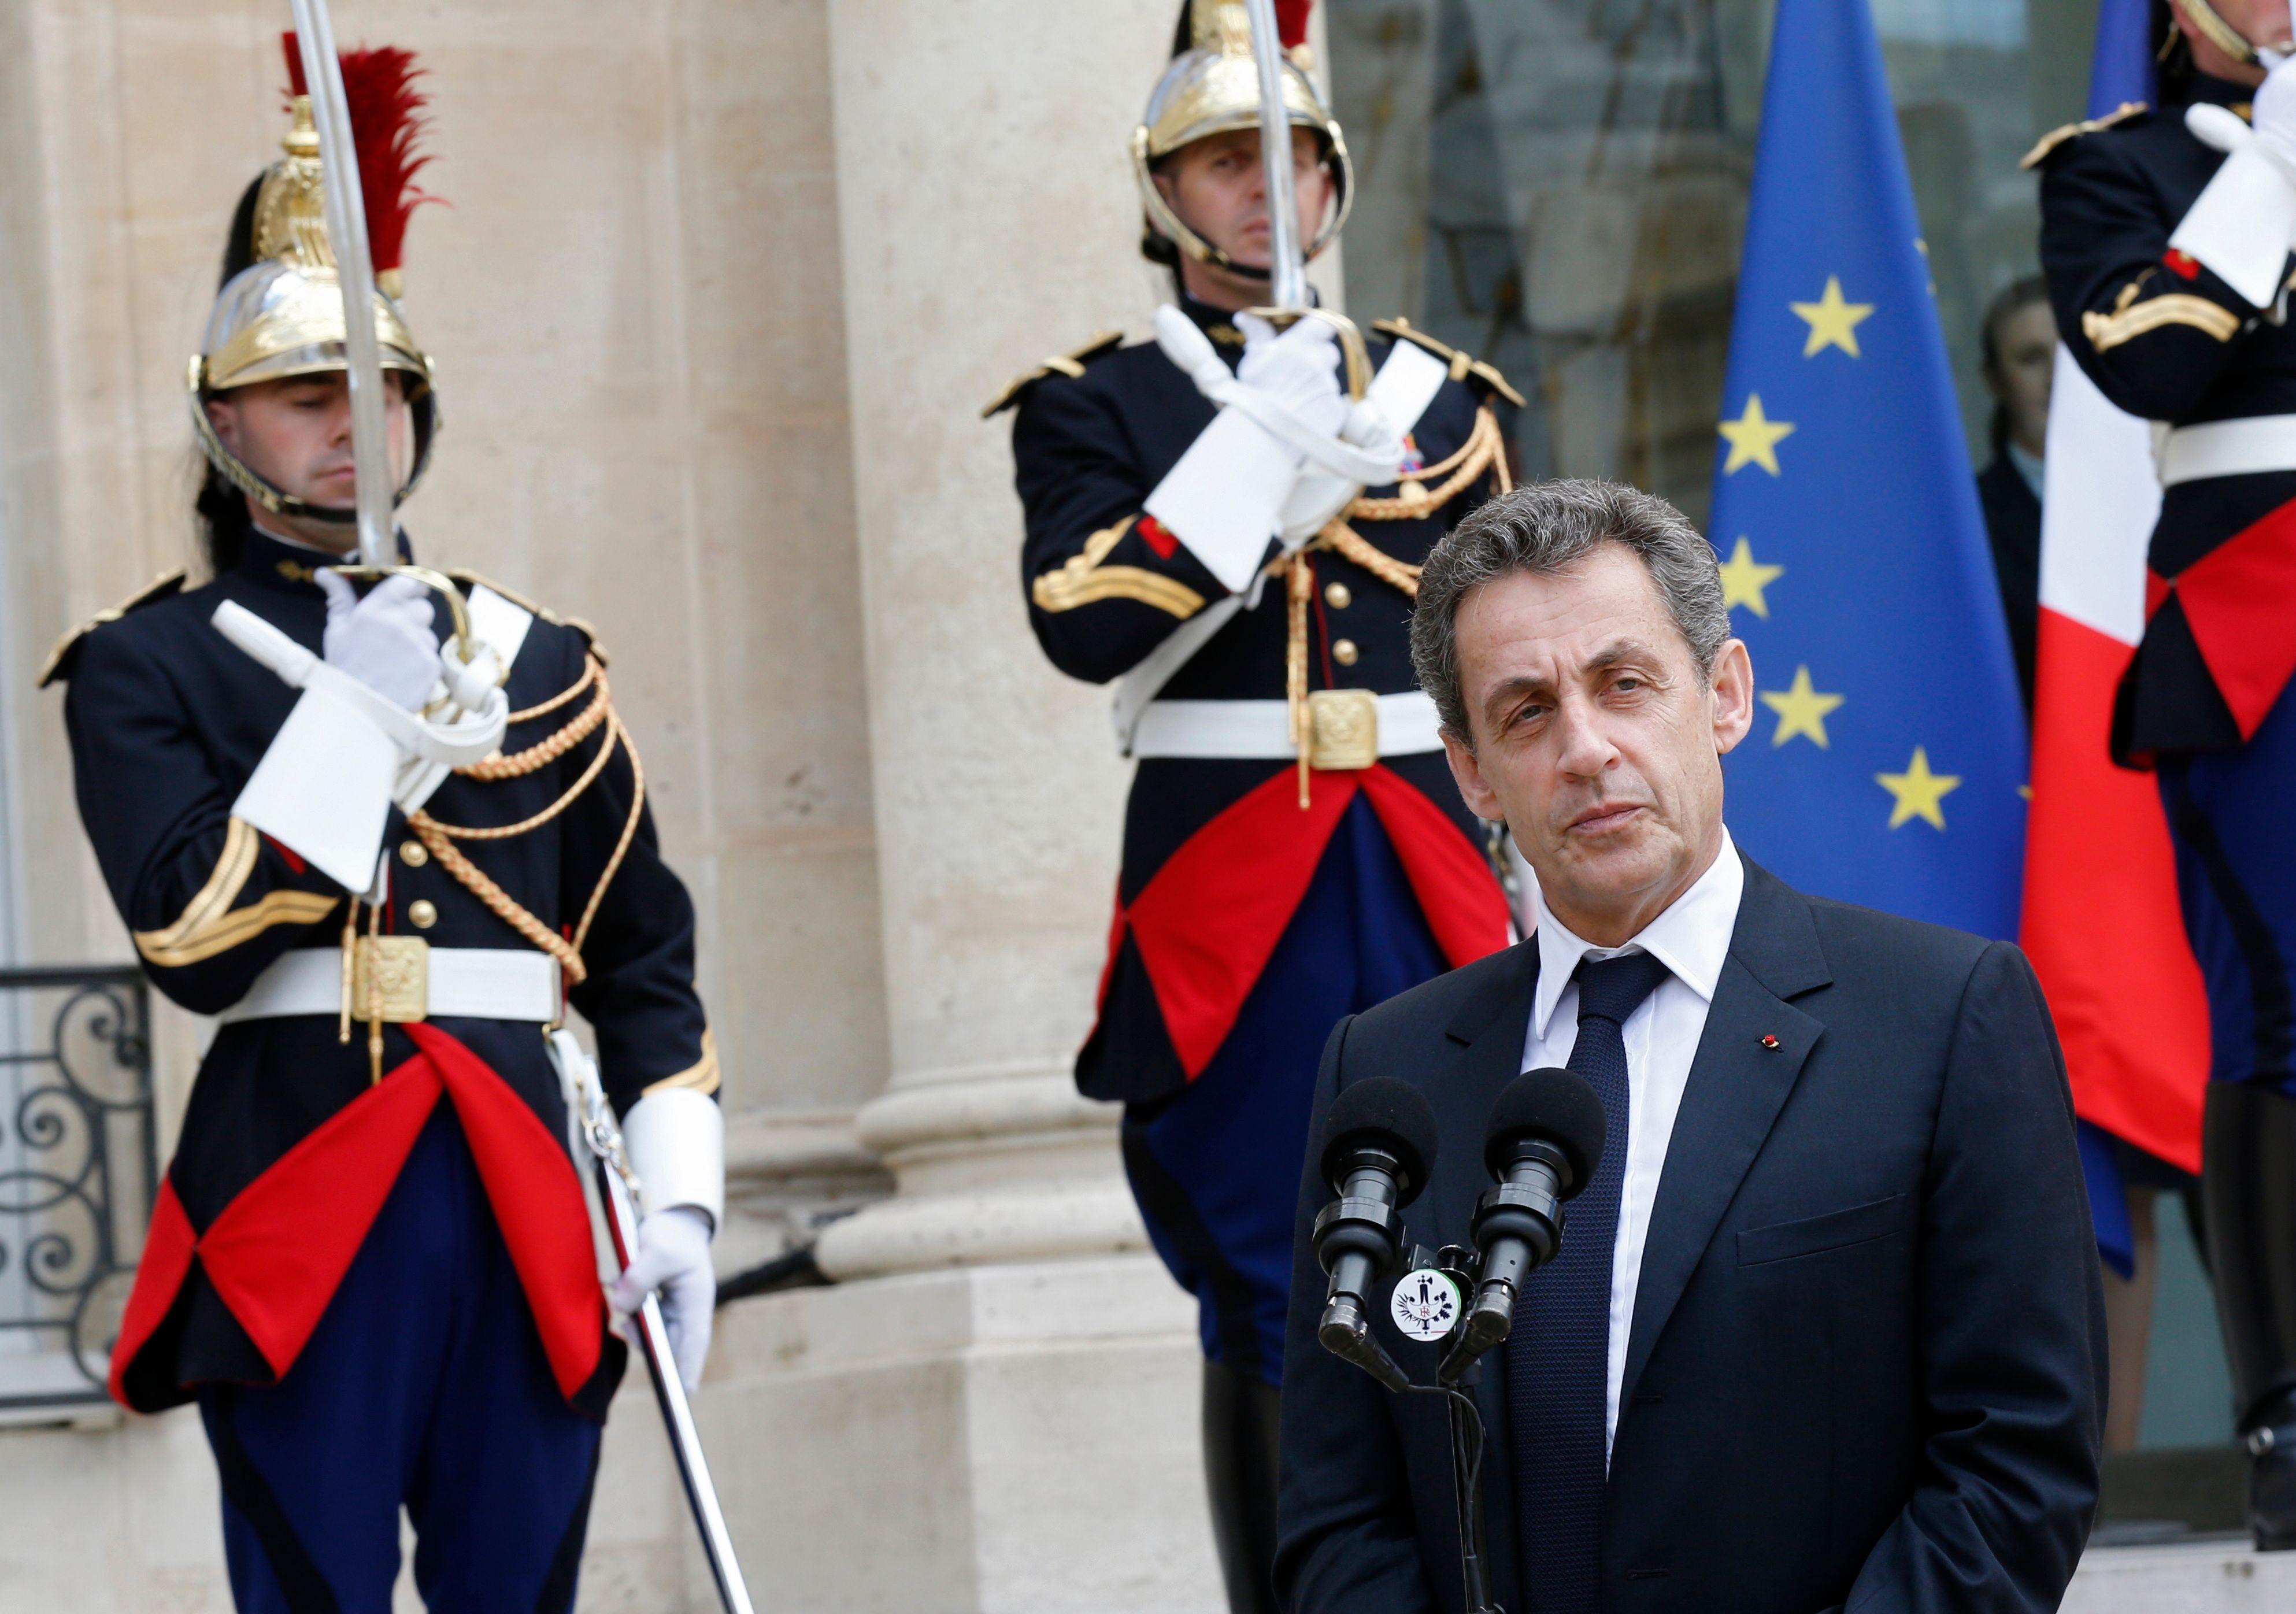 Je prends les paris : au premier sondage donnant Sarkozy gagnant, ceux qui le détestent aujourd'hui et annoncent son trépas politique retourneront casaque et lui feront des mamours.